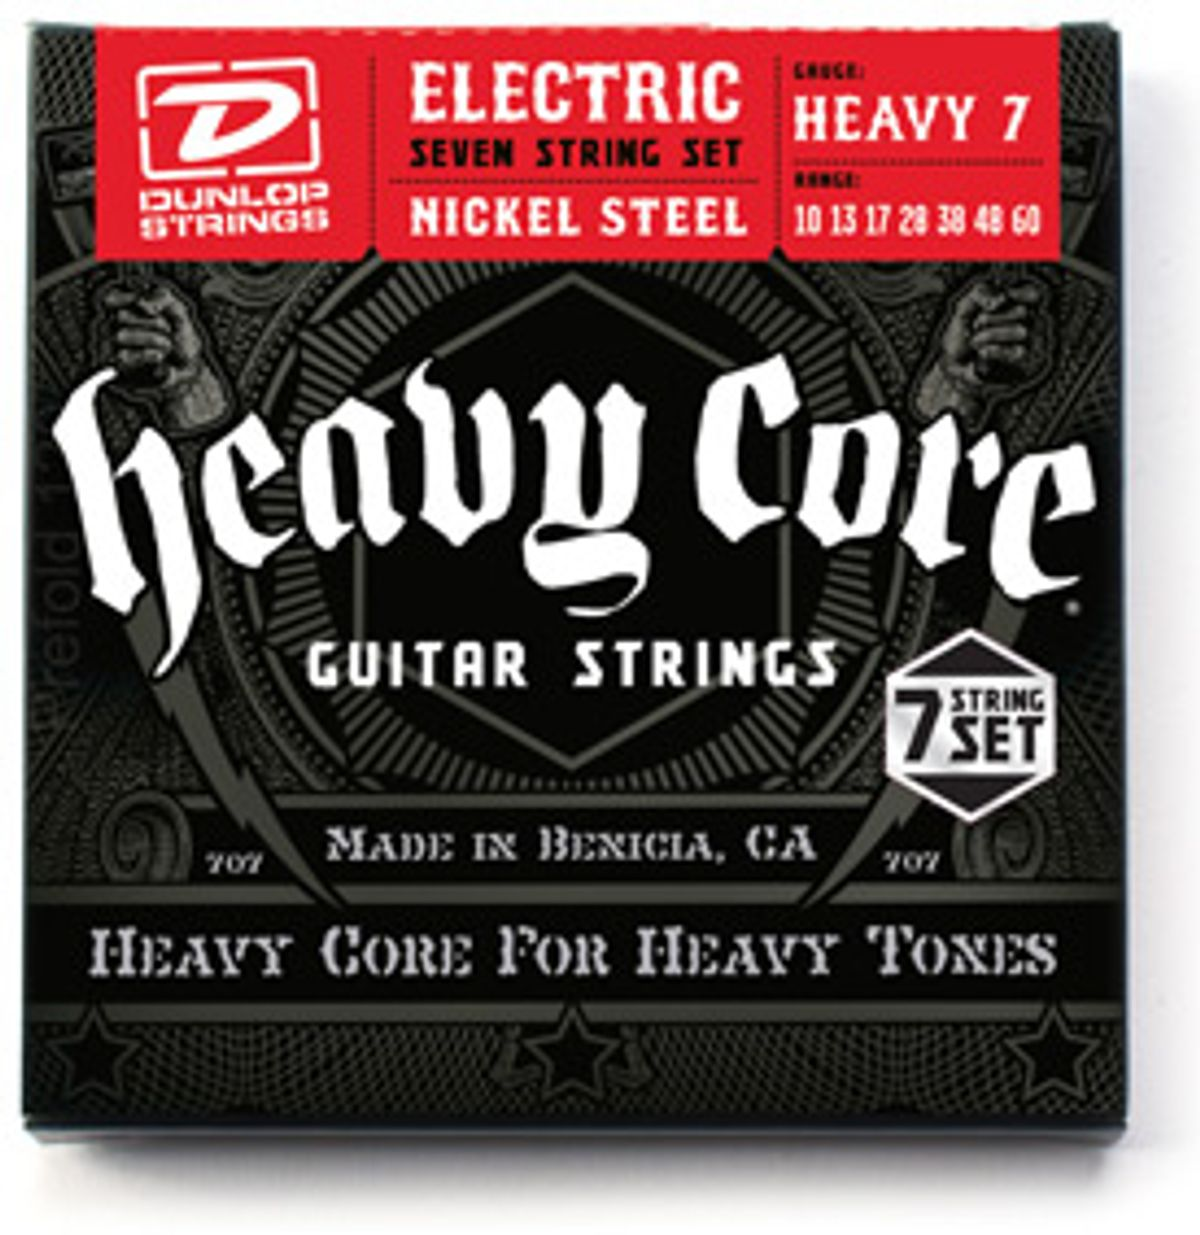 Dunlop Announces Heavy Core Seven String Set